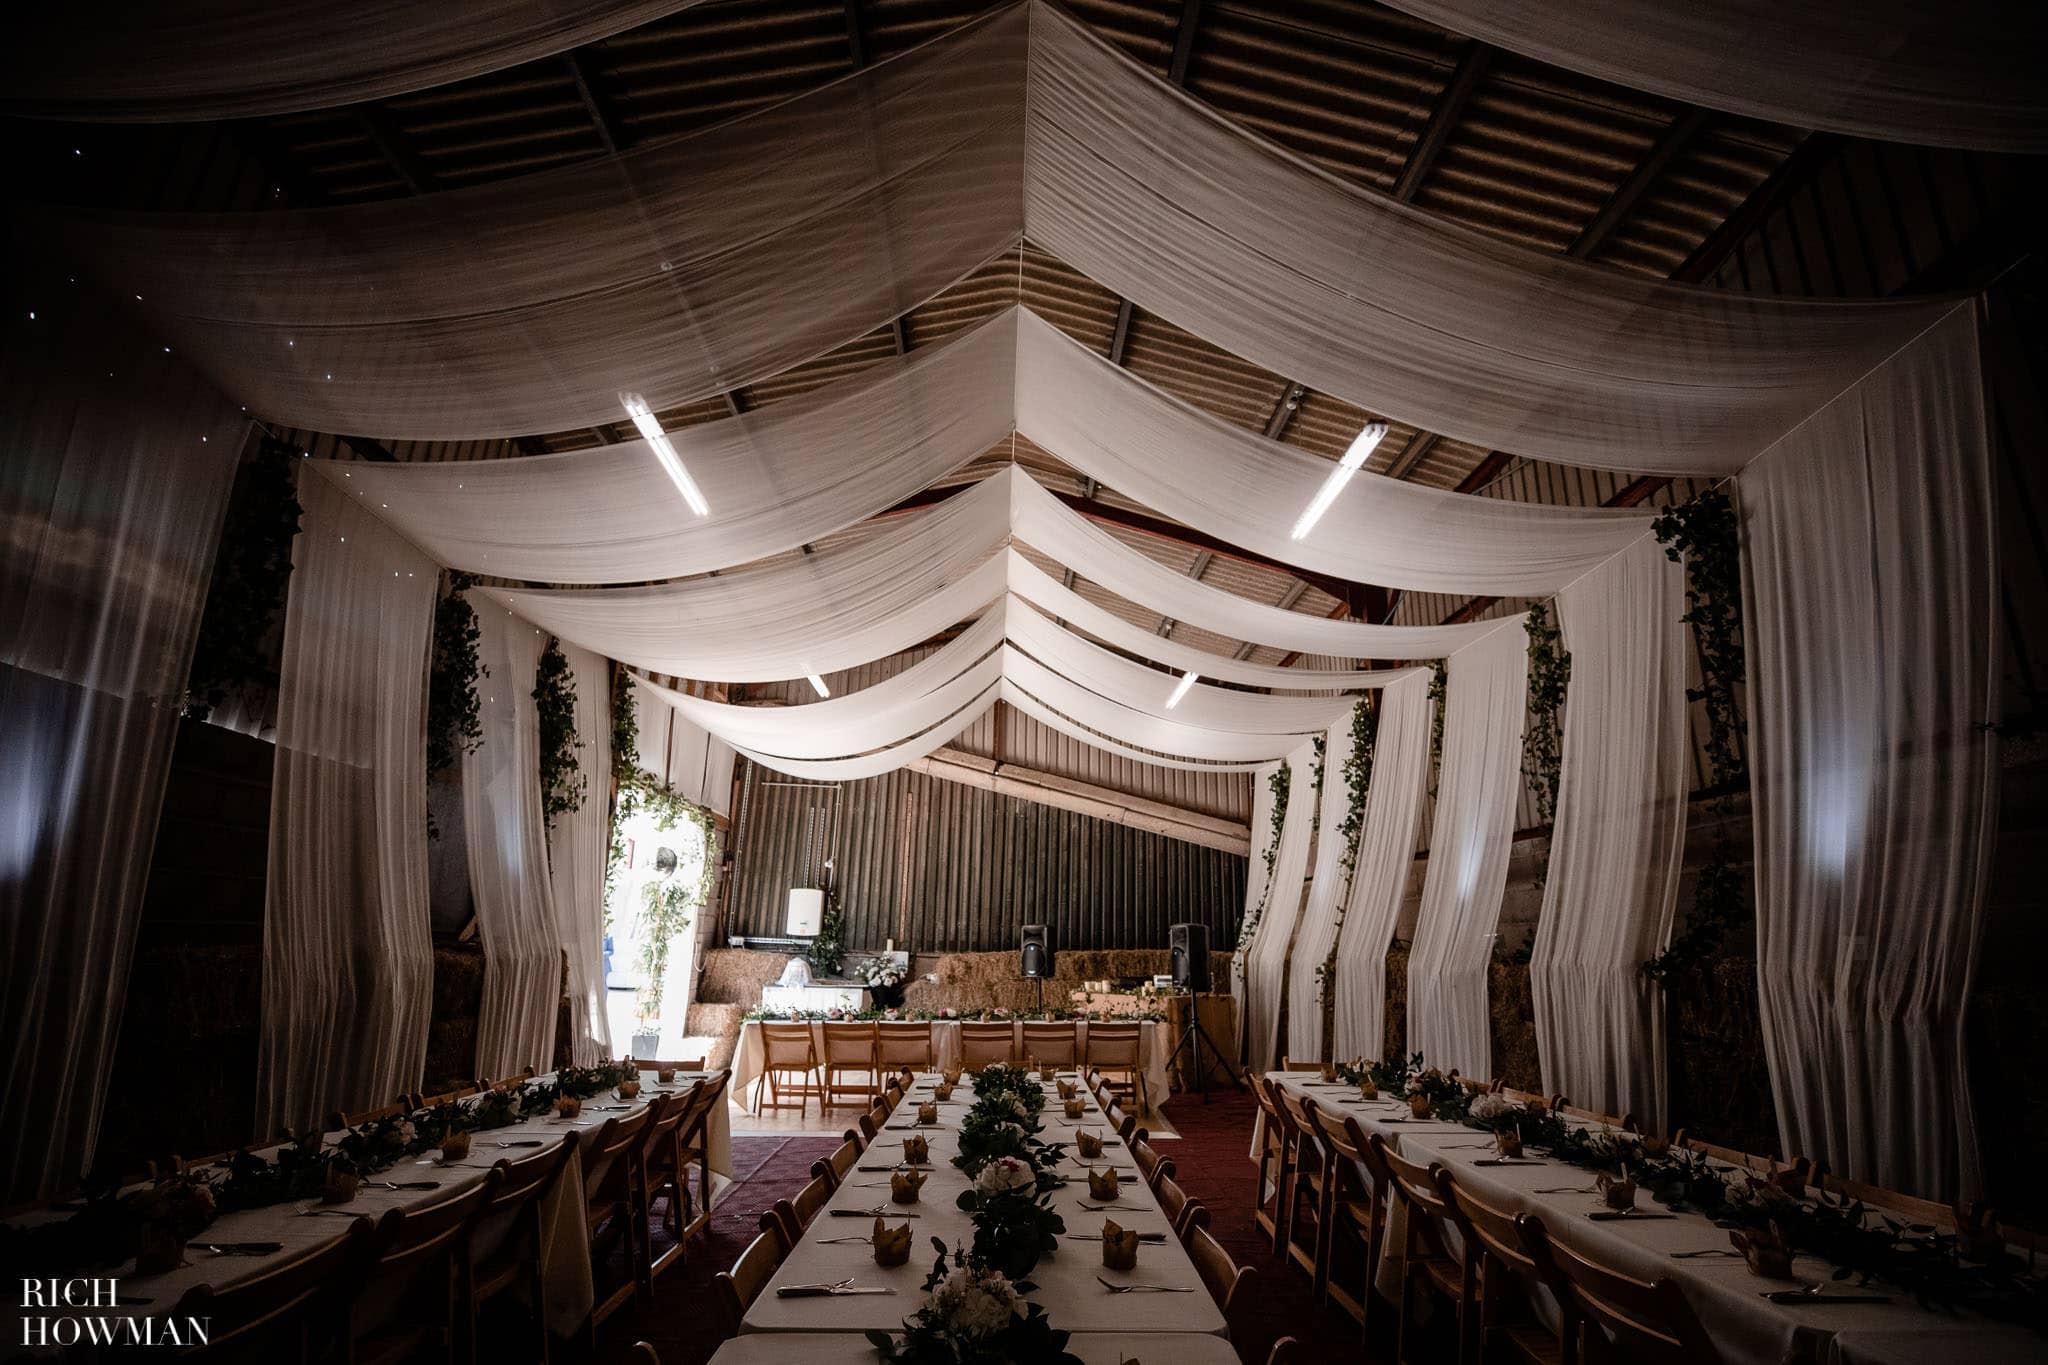 Bath Guildhall Wedding | Gloucestershire Farm Reception 92